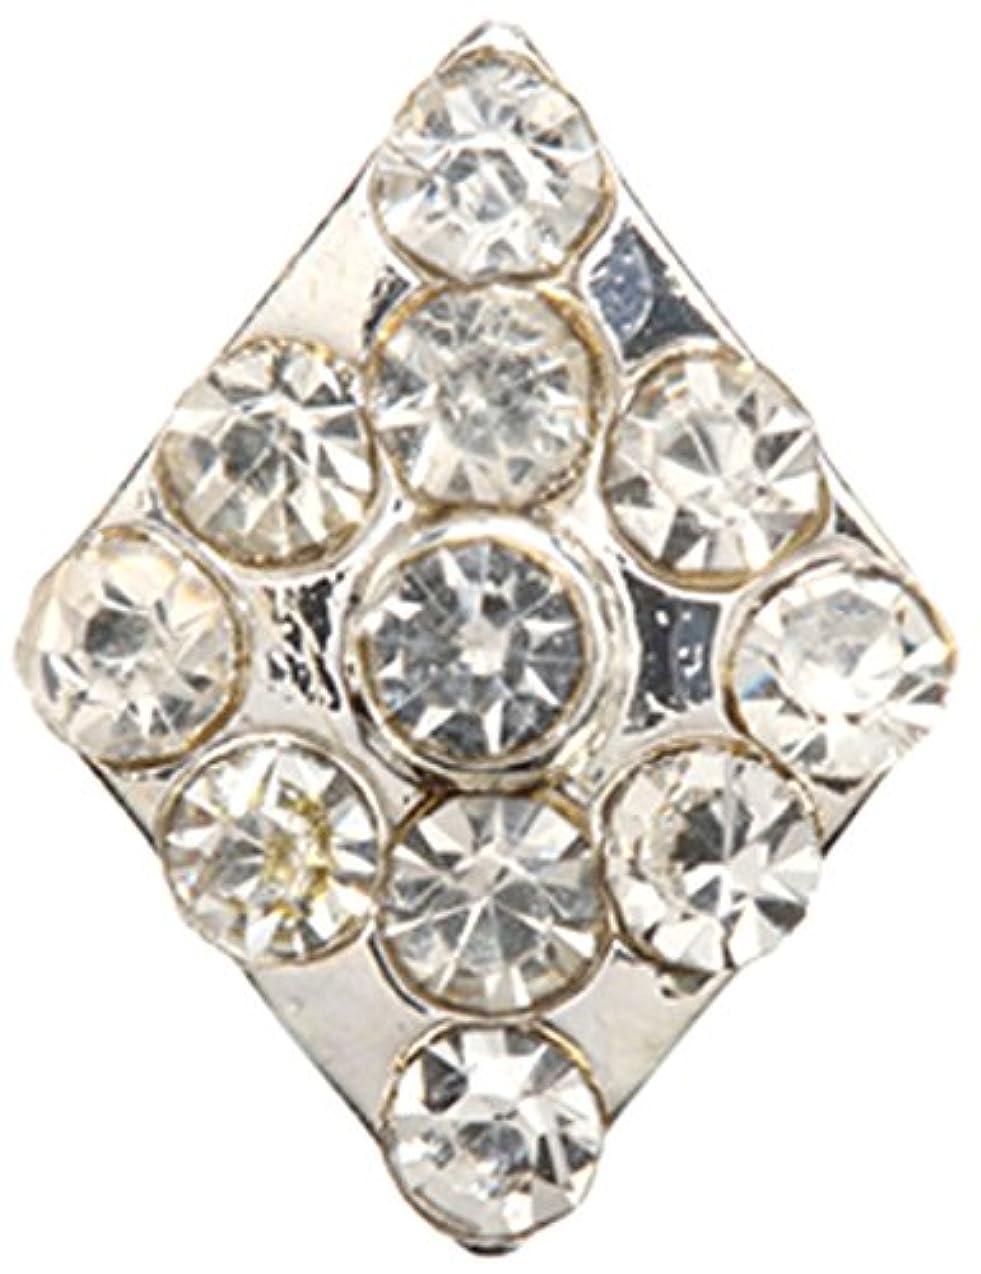 堂々たる慣習世界的にダイヤ クリスタル(各2個) シルバー